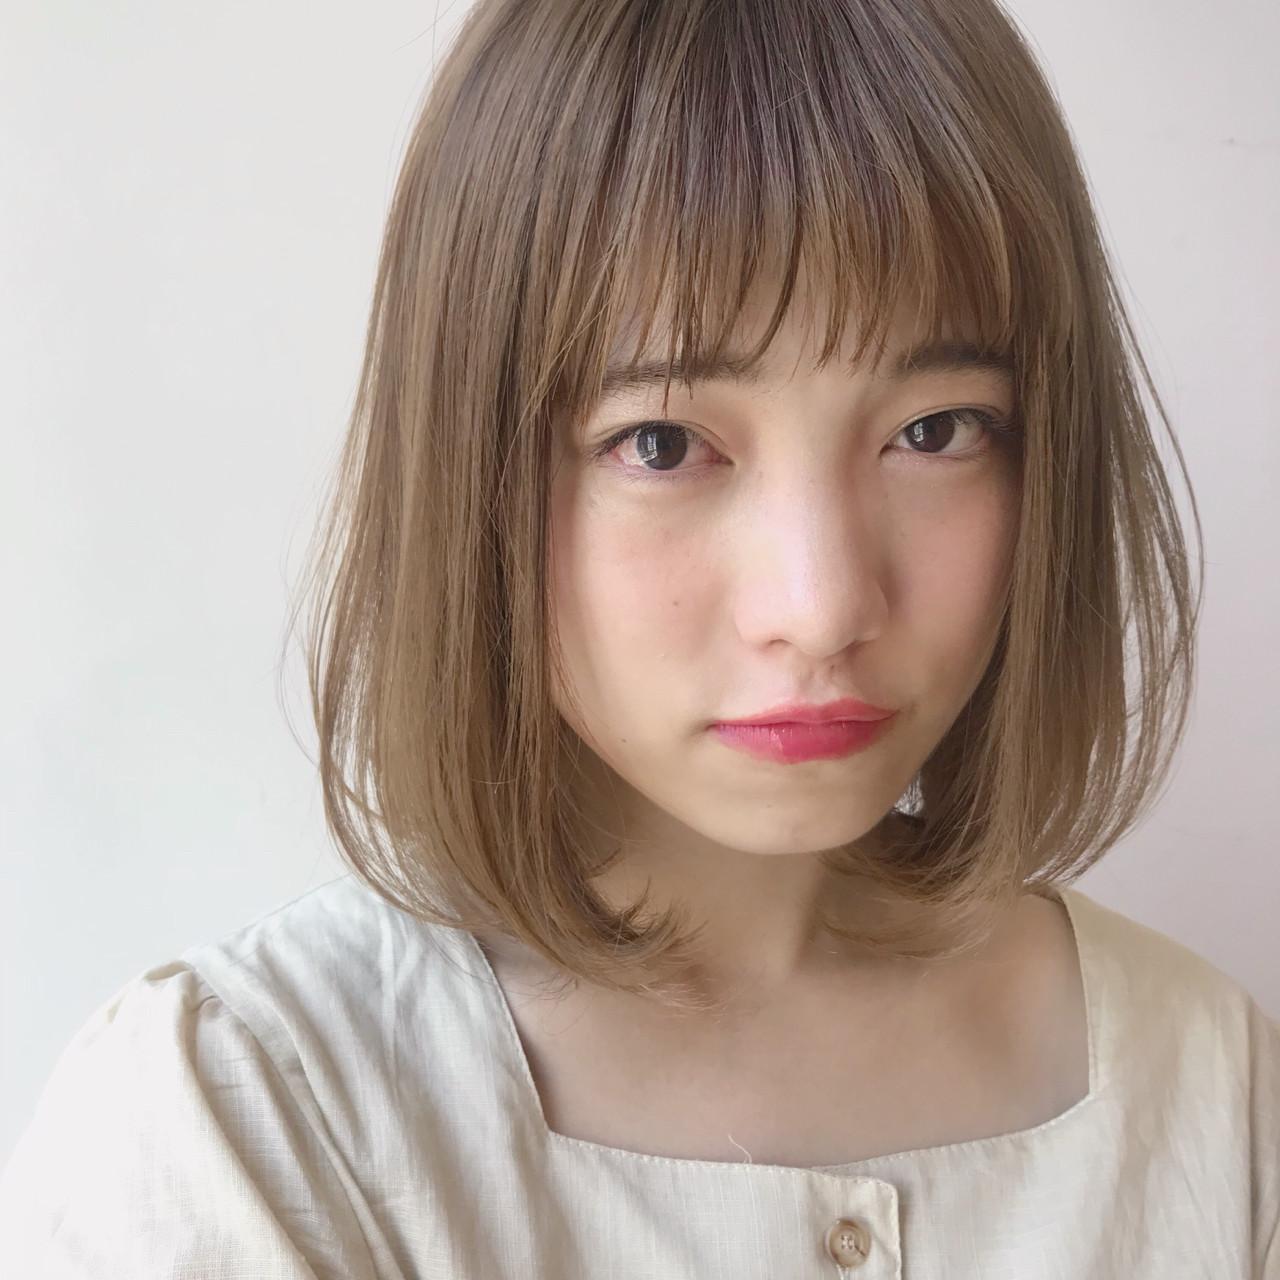 モテ髪 デート かわいい 透明感 ヘアスタイルや髪型の写真・画像 | 矢野佑太郎 / GARDEN harajuku